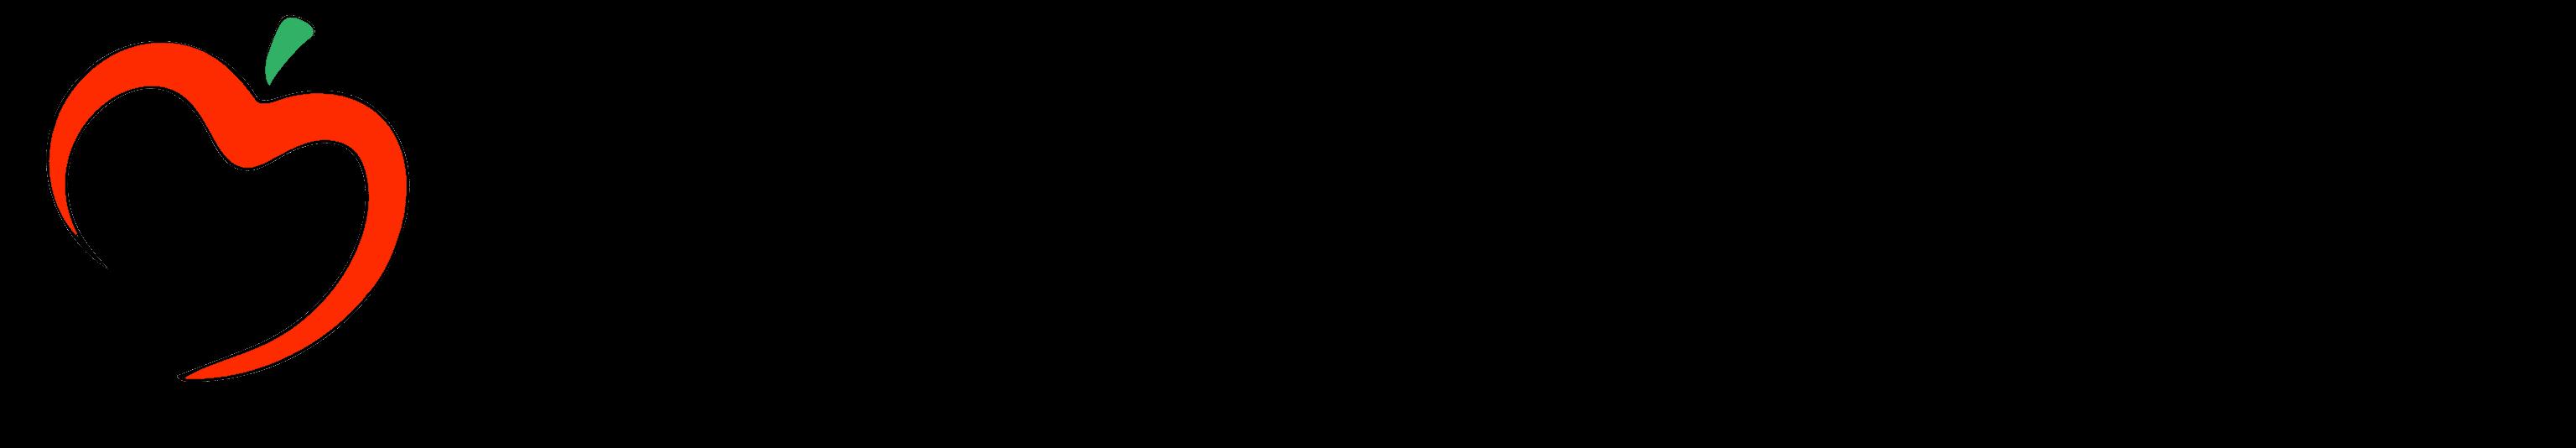 Παναγιώτης Μπασουράκος